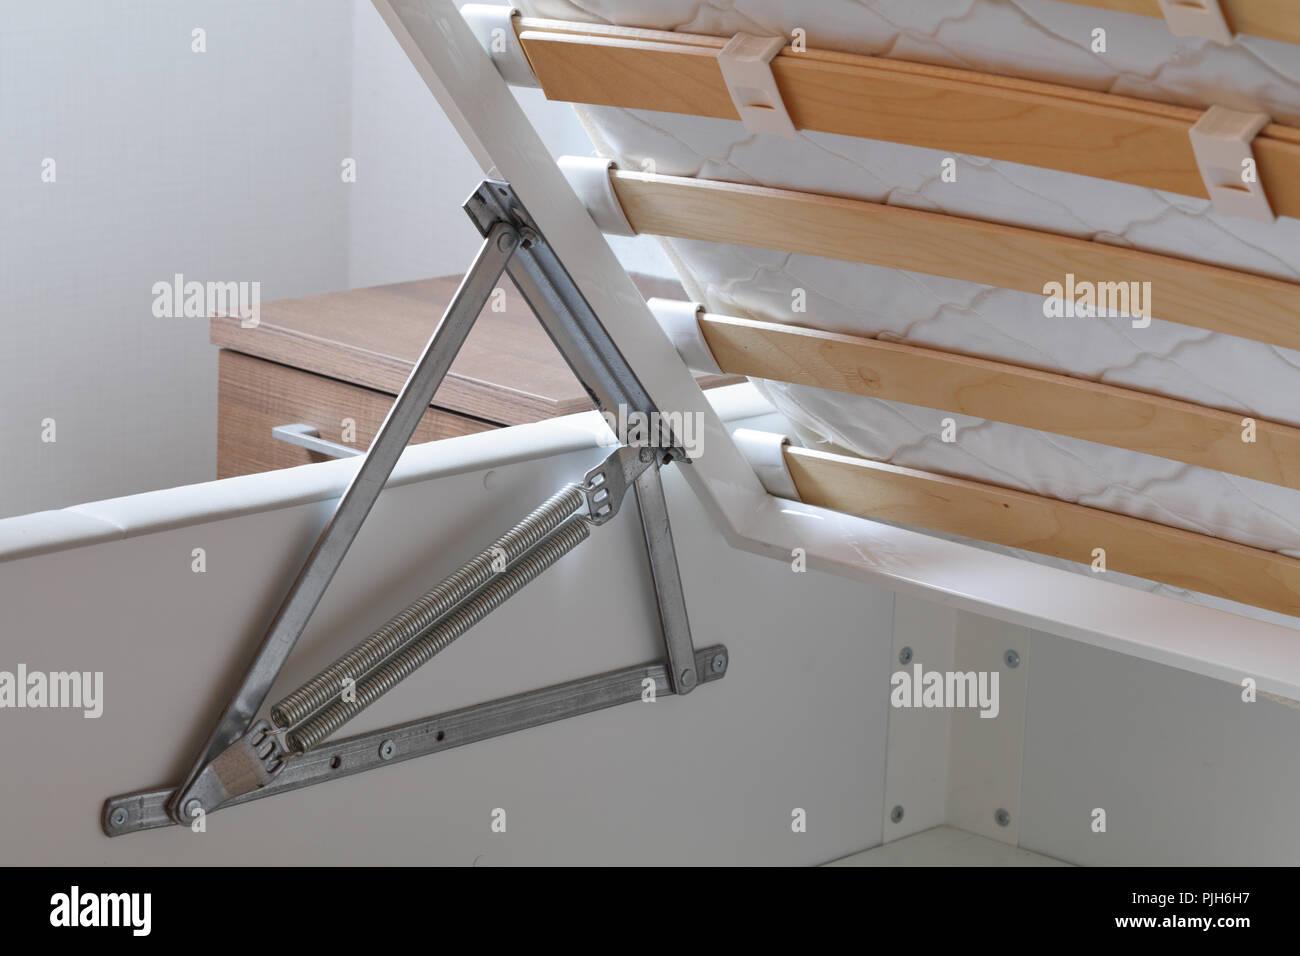 Letto di storage con alzò materasso closeup Immagini Stock